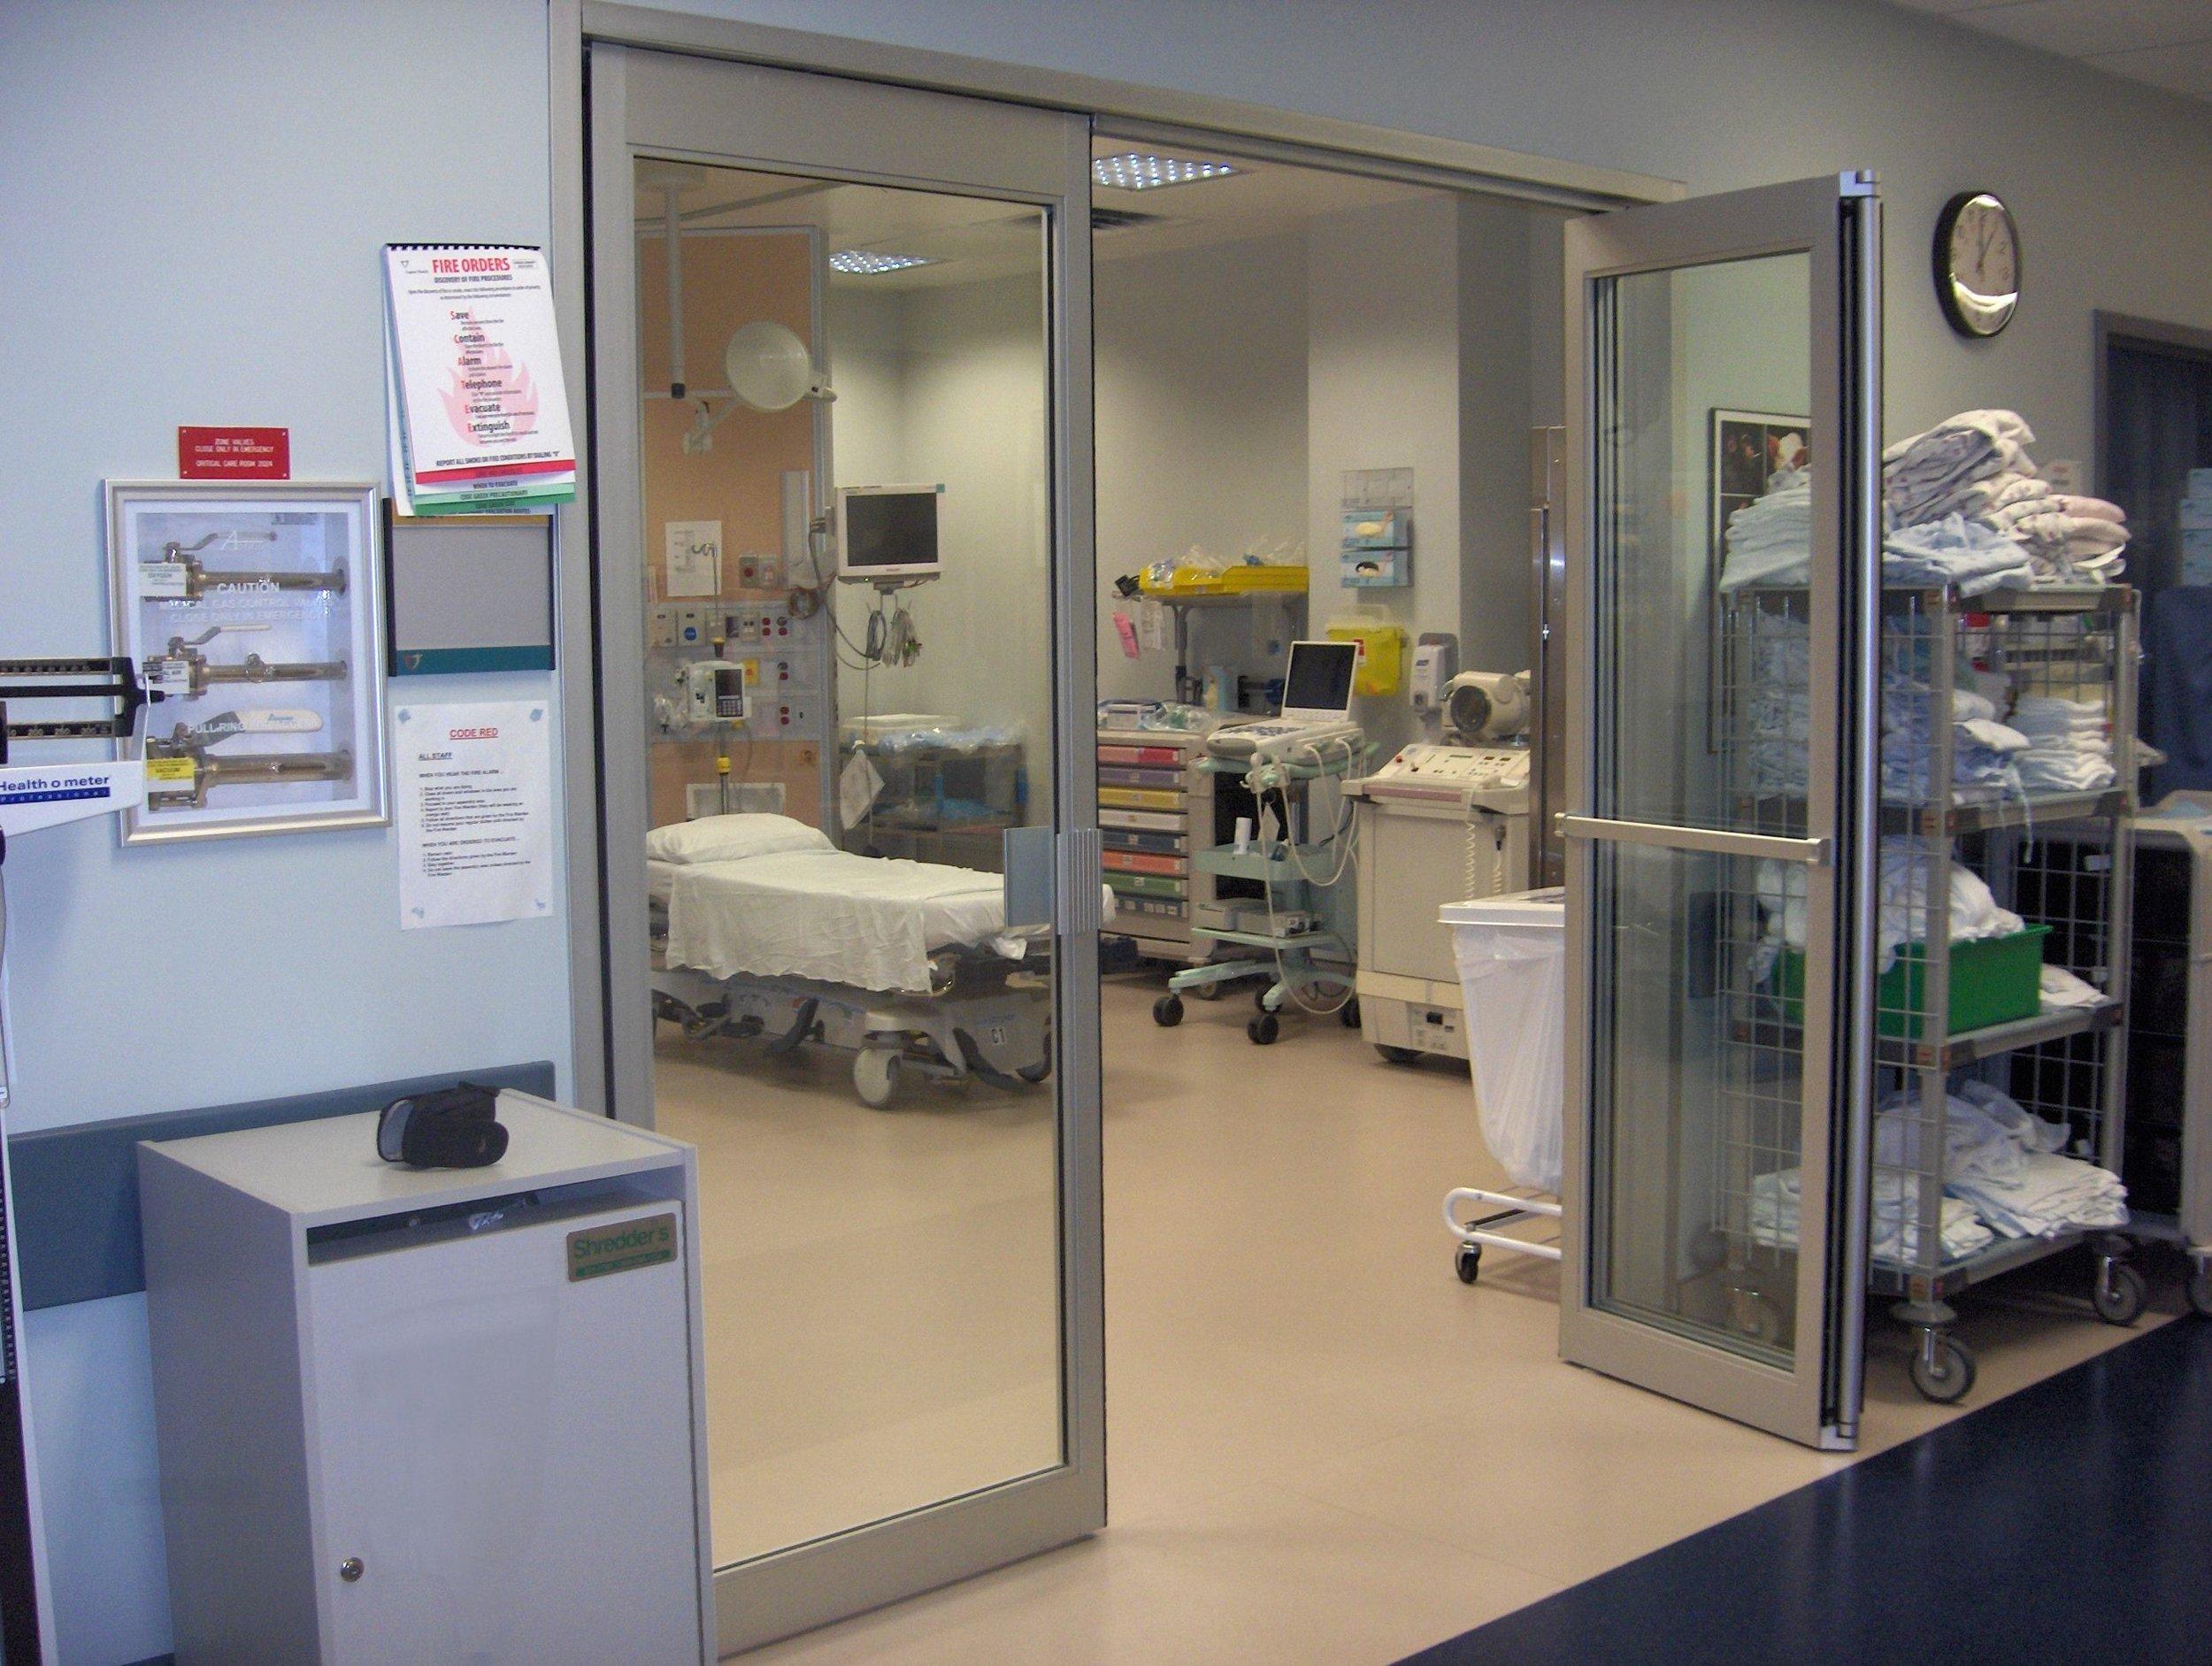 Hospital ICU Open